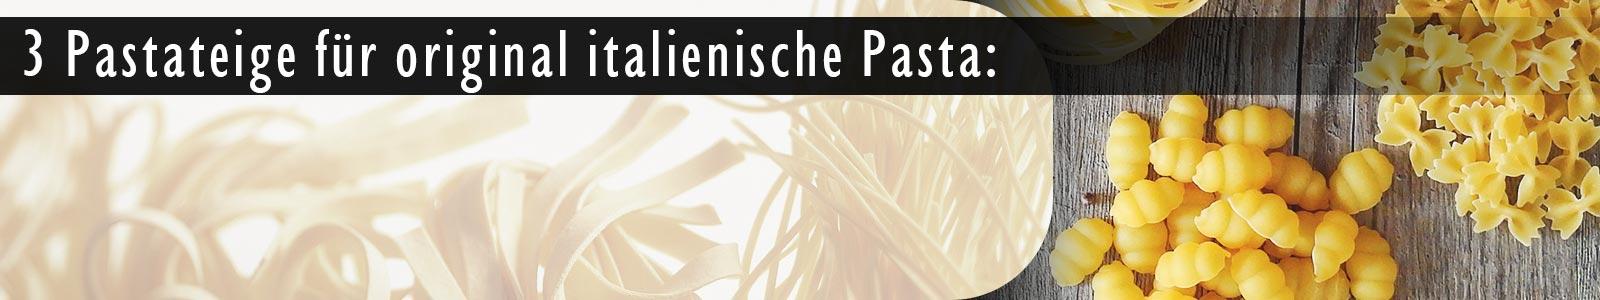 Drei Rezepte für original italienischen Pastateig